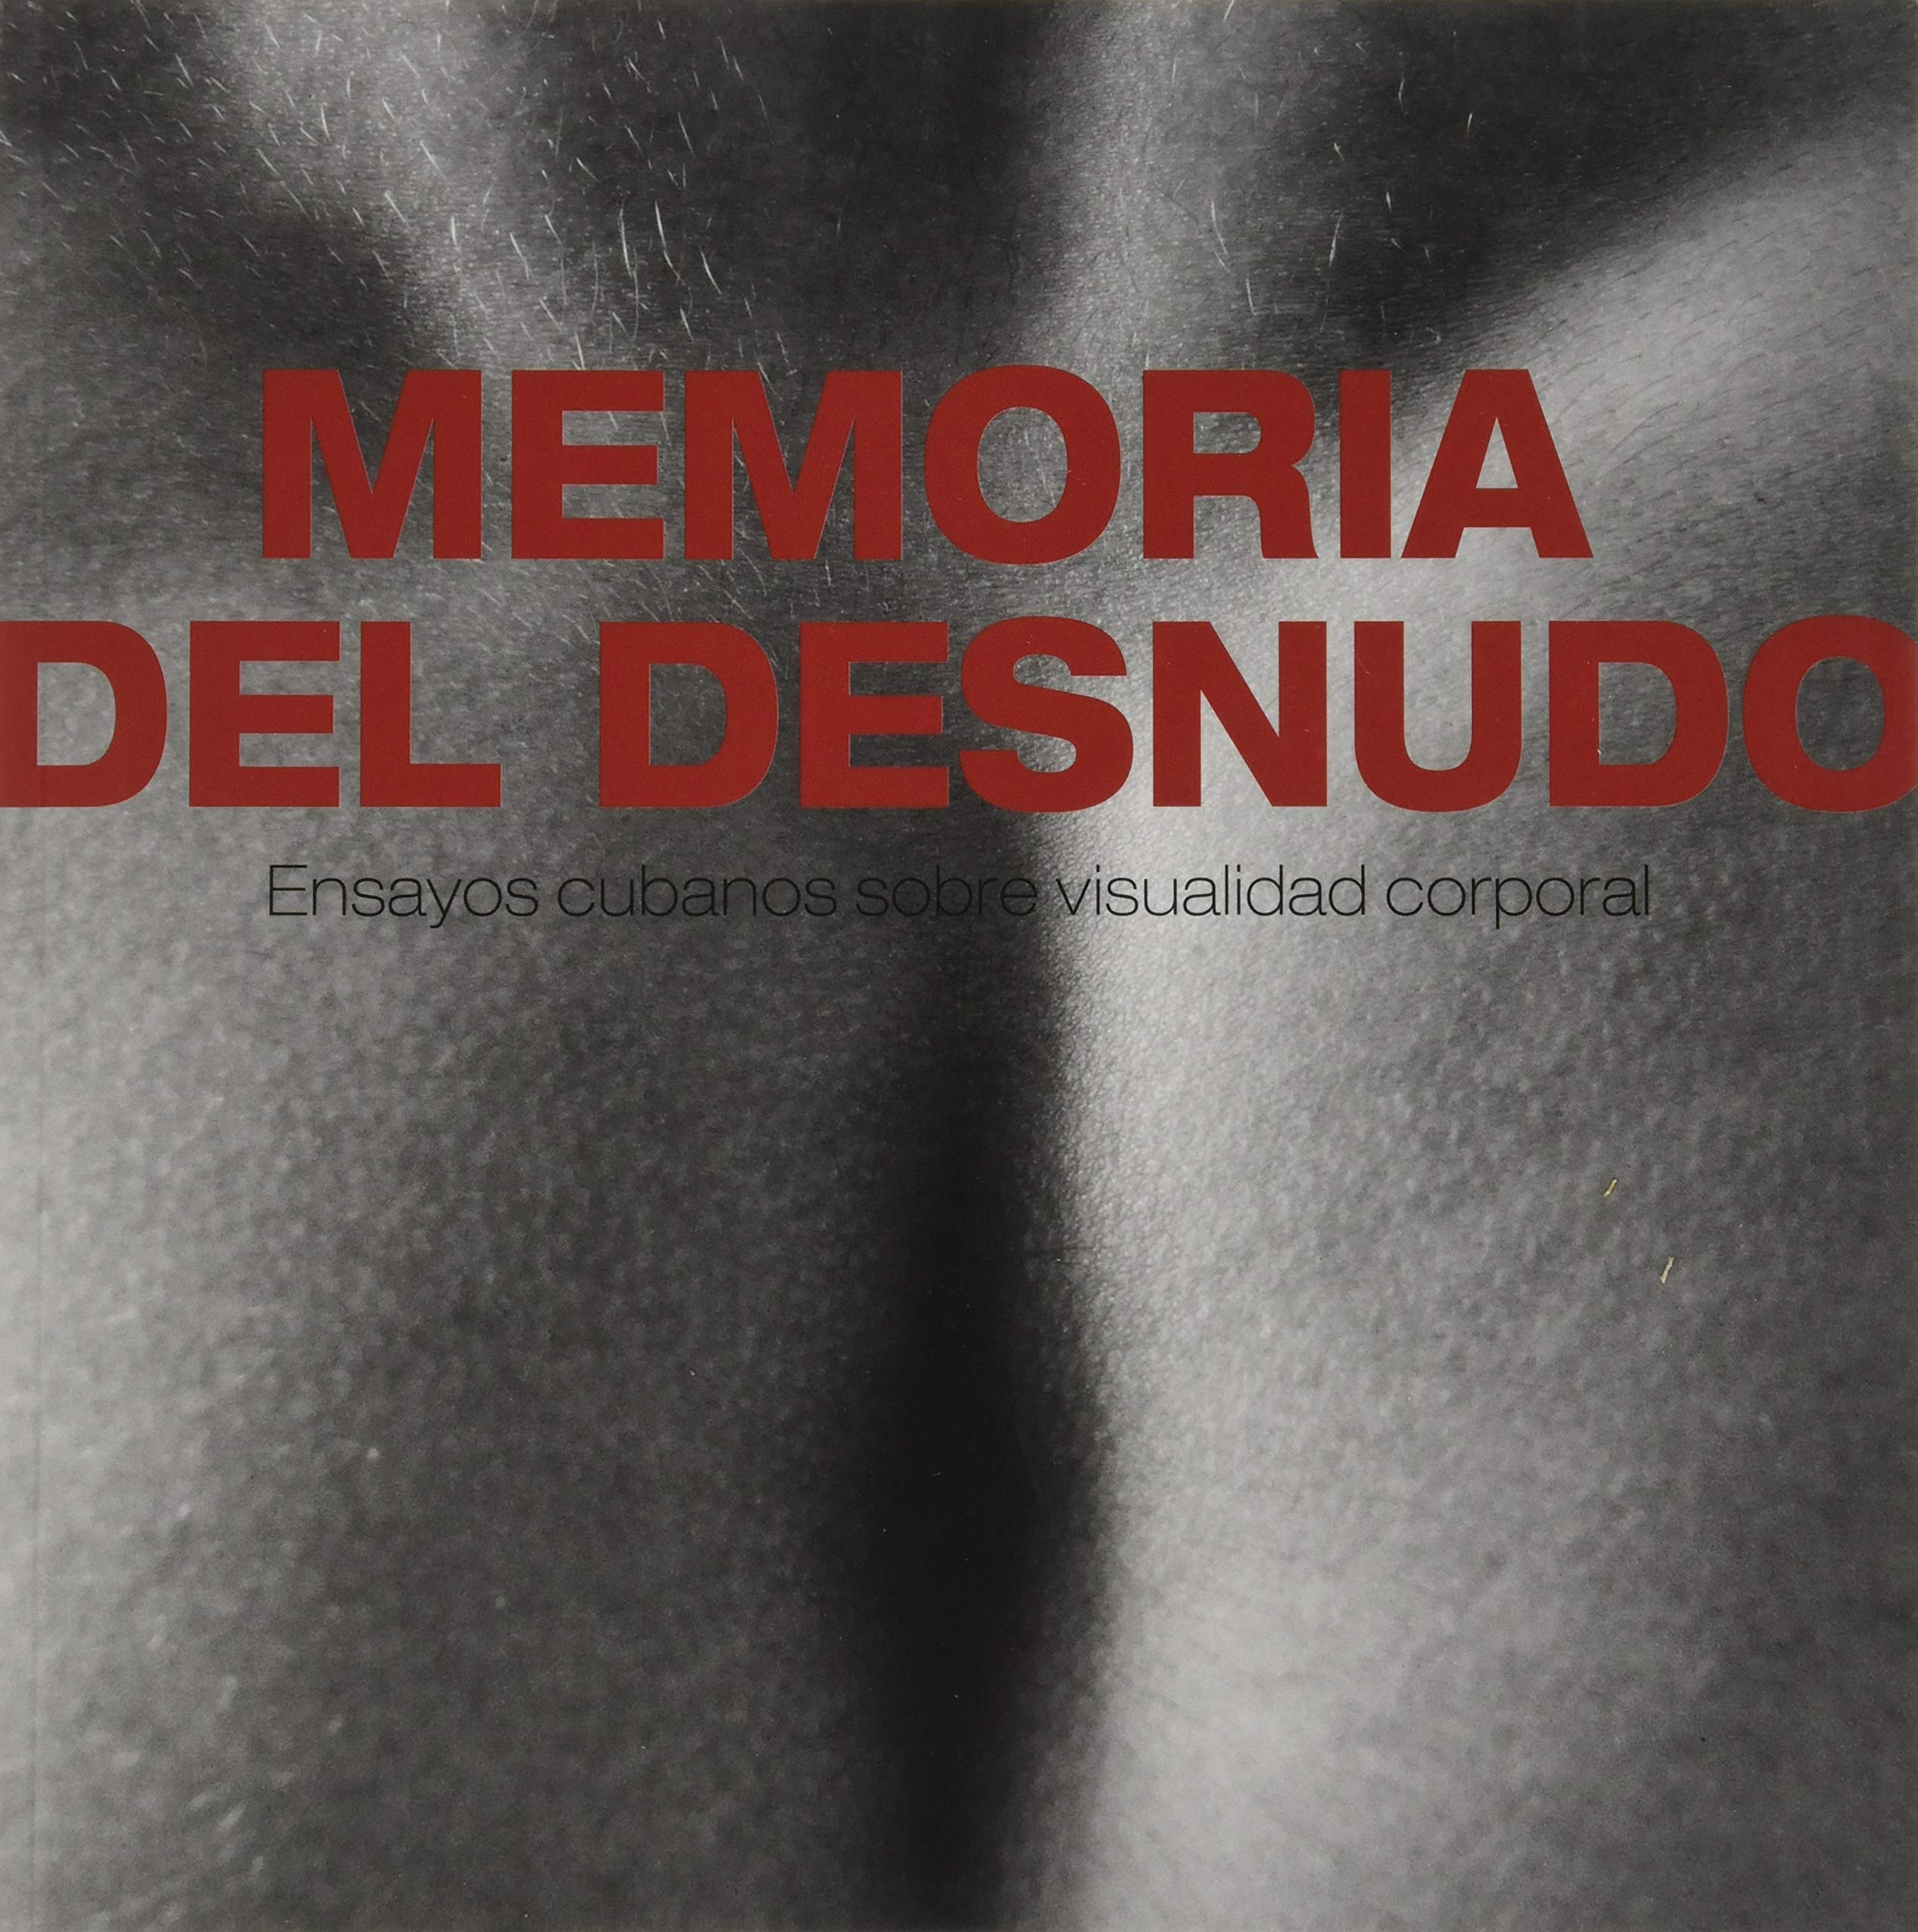 Memoria del desnudo: Amazon.es: Vv.Aa, Vv.Aa: Libros